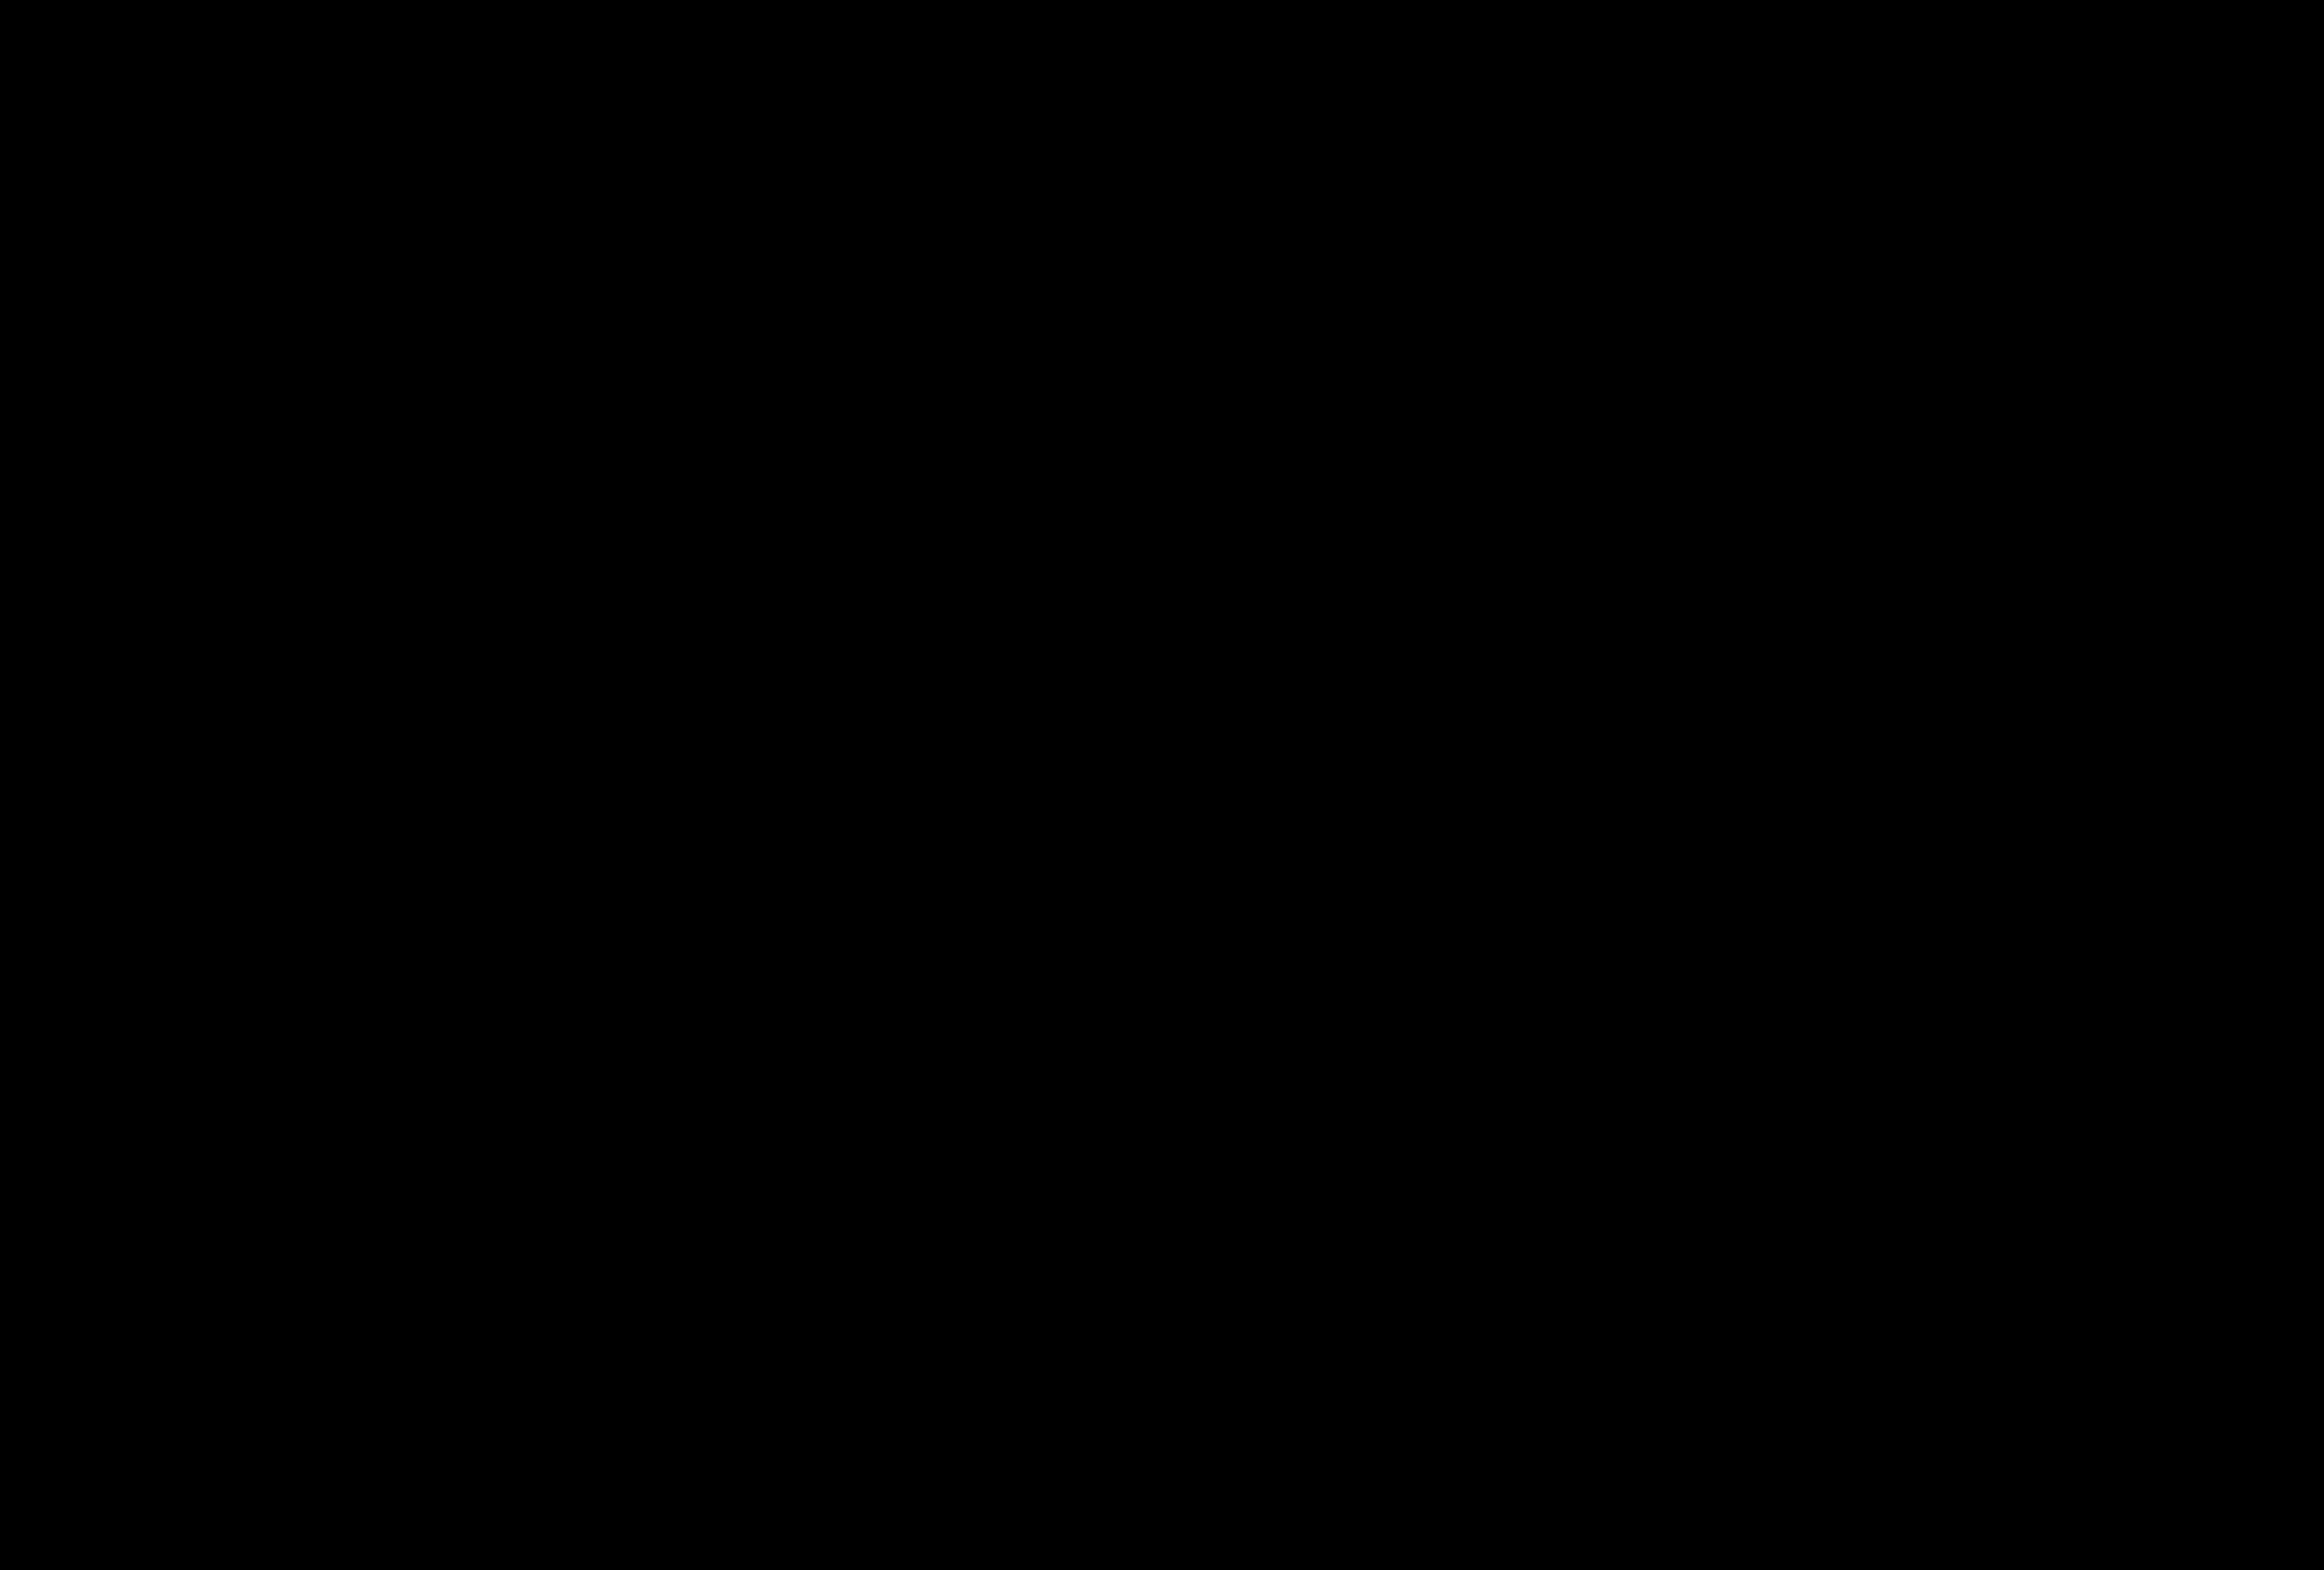 12 - La rose, fleur emblématique de la parfumerie